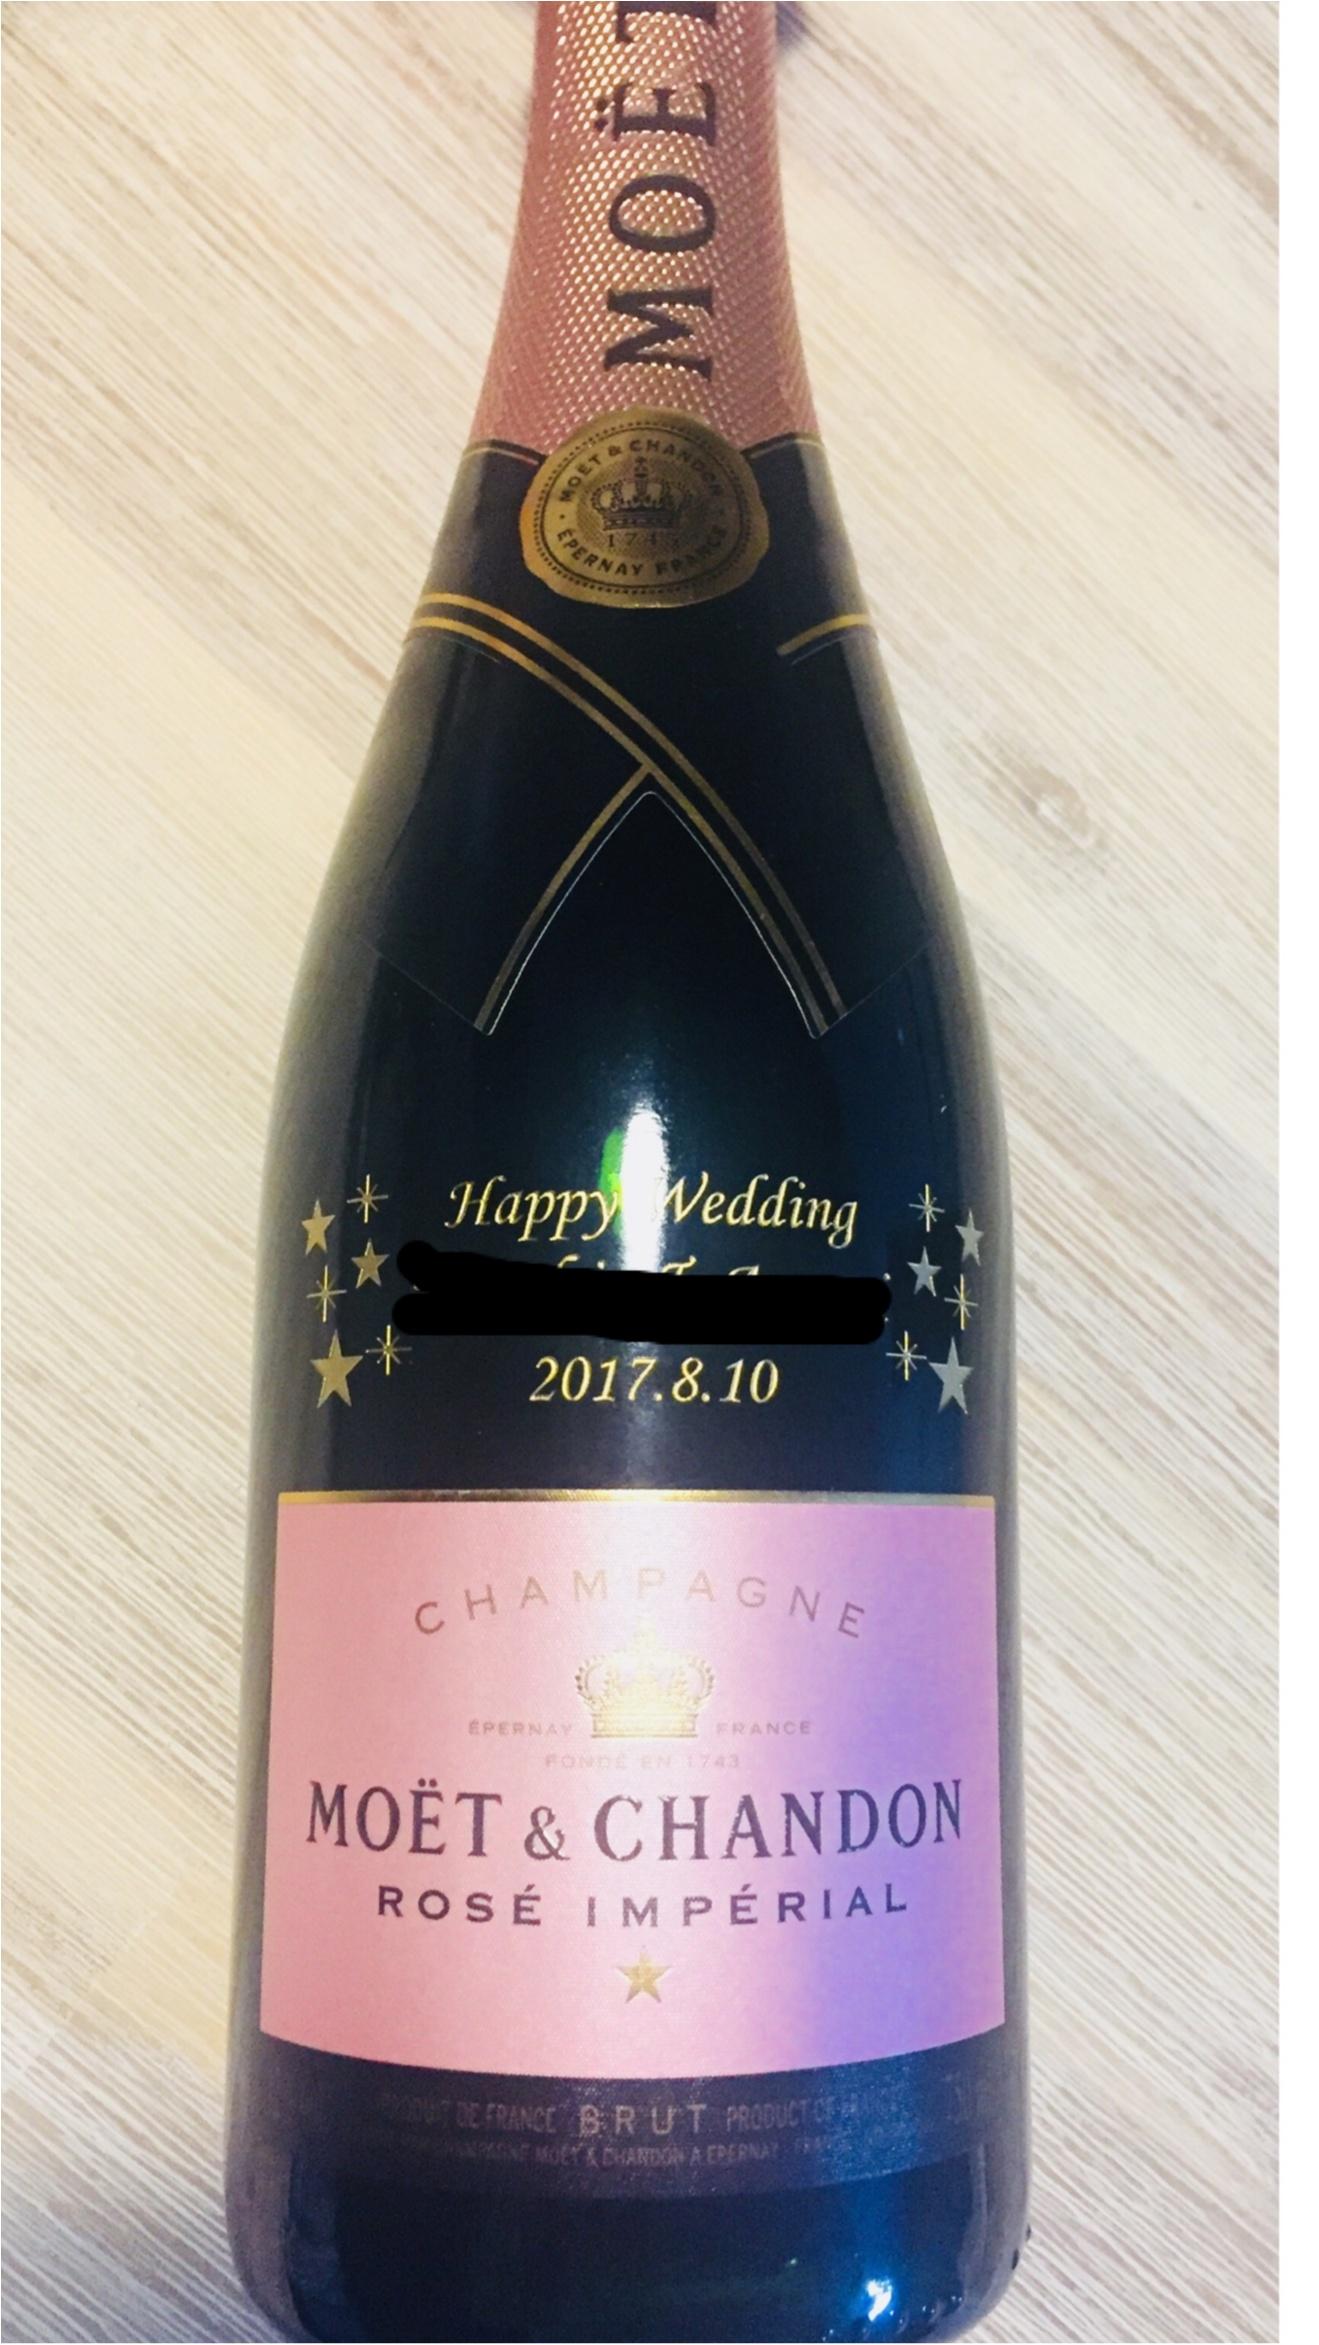 自分達だけのシャンパンで新年を迎えました❤︎〜おすすめ結婚祝いはコレだっ☝︎〜_1